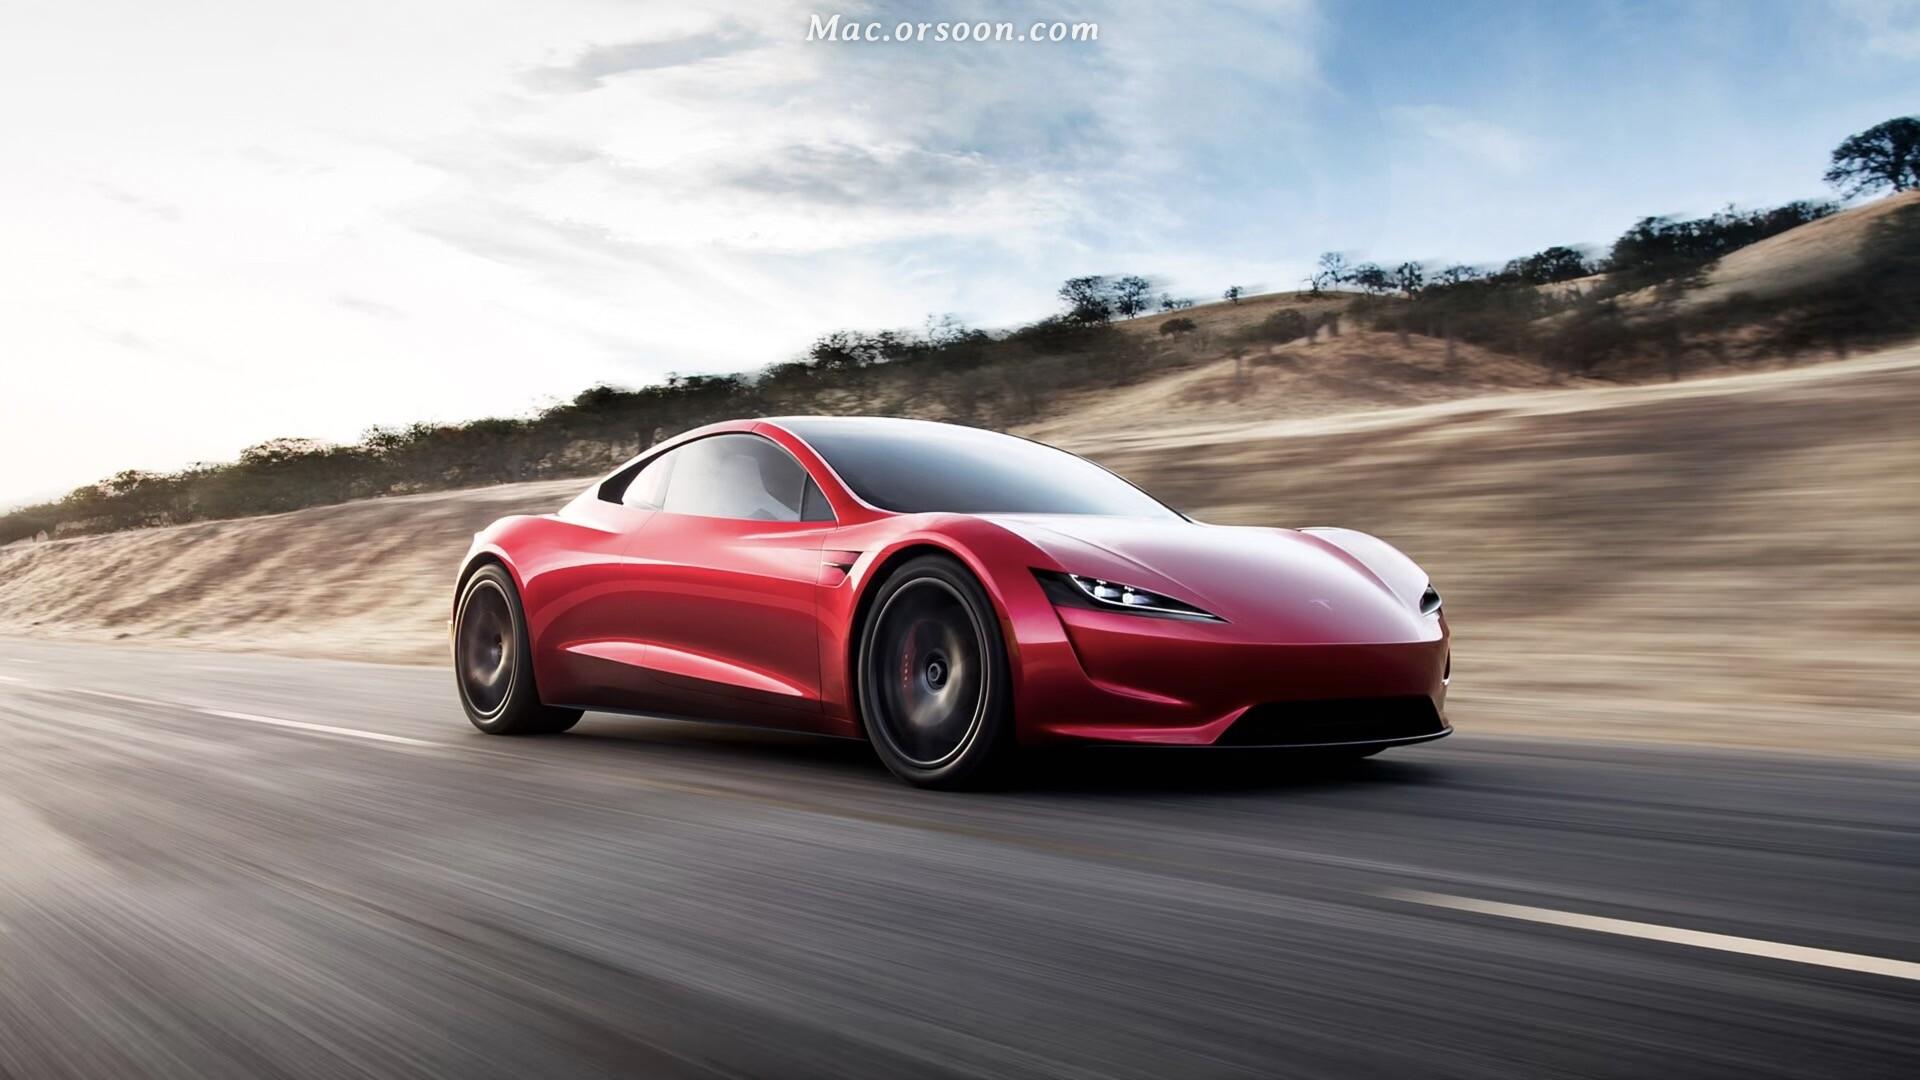 红色酷炫跑车动态壁纸